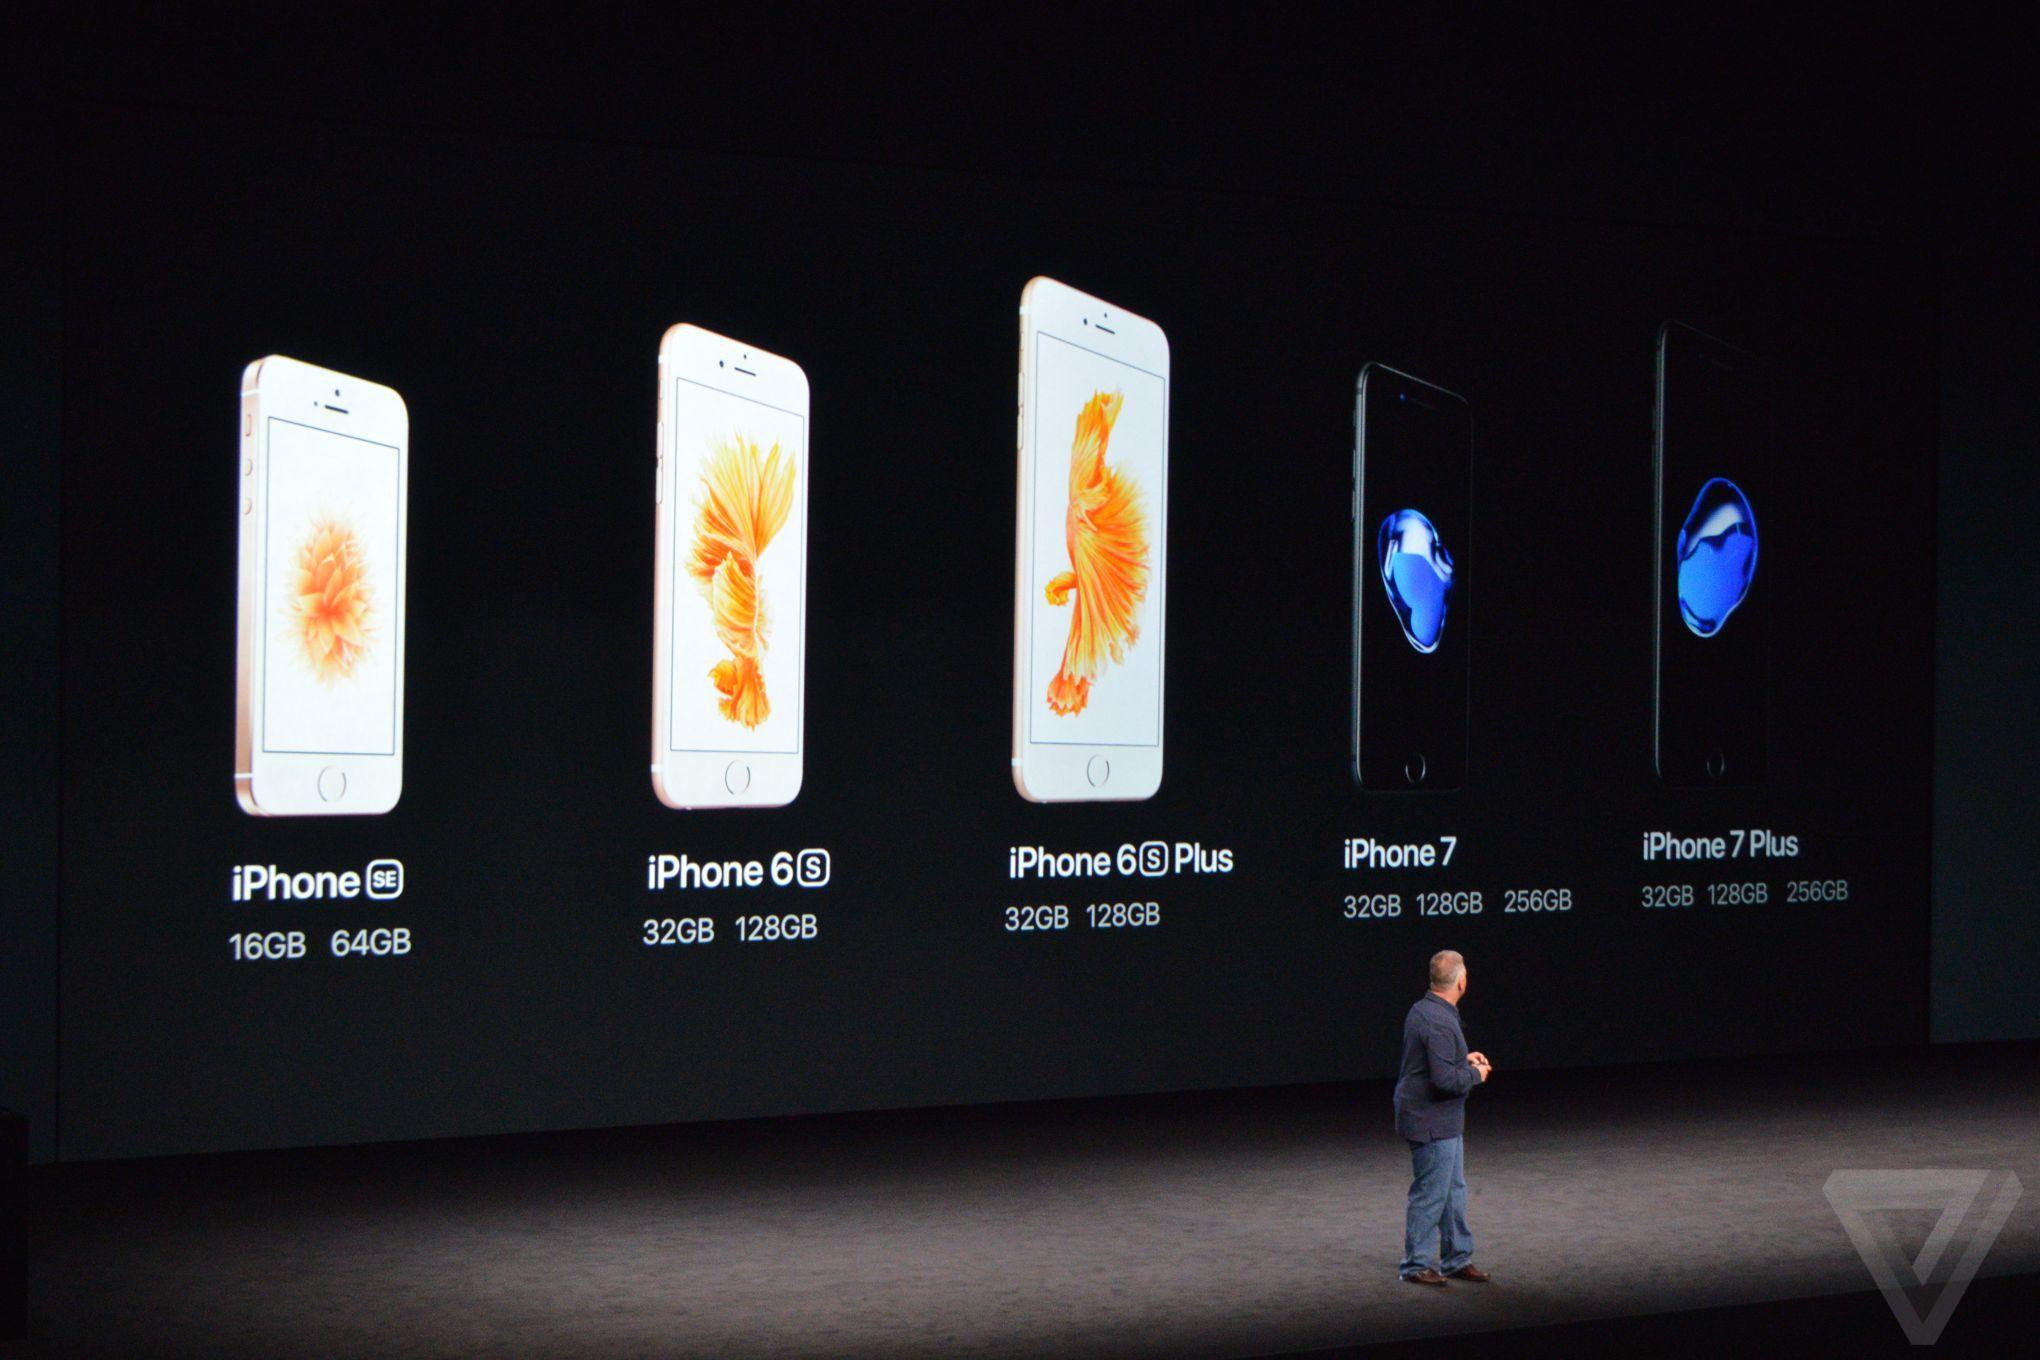 sihirli-elma-apple-etkinlik-400041.JPG